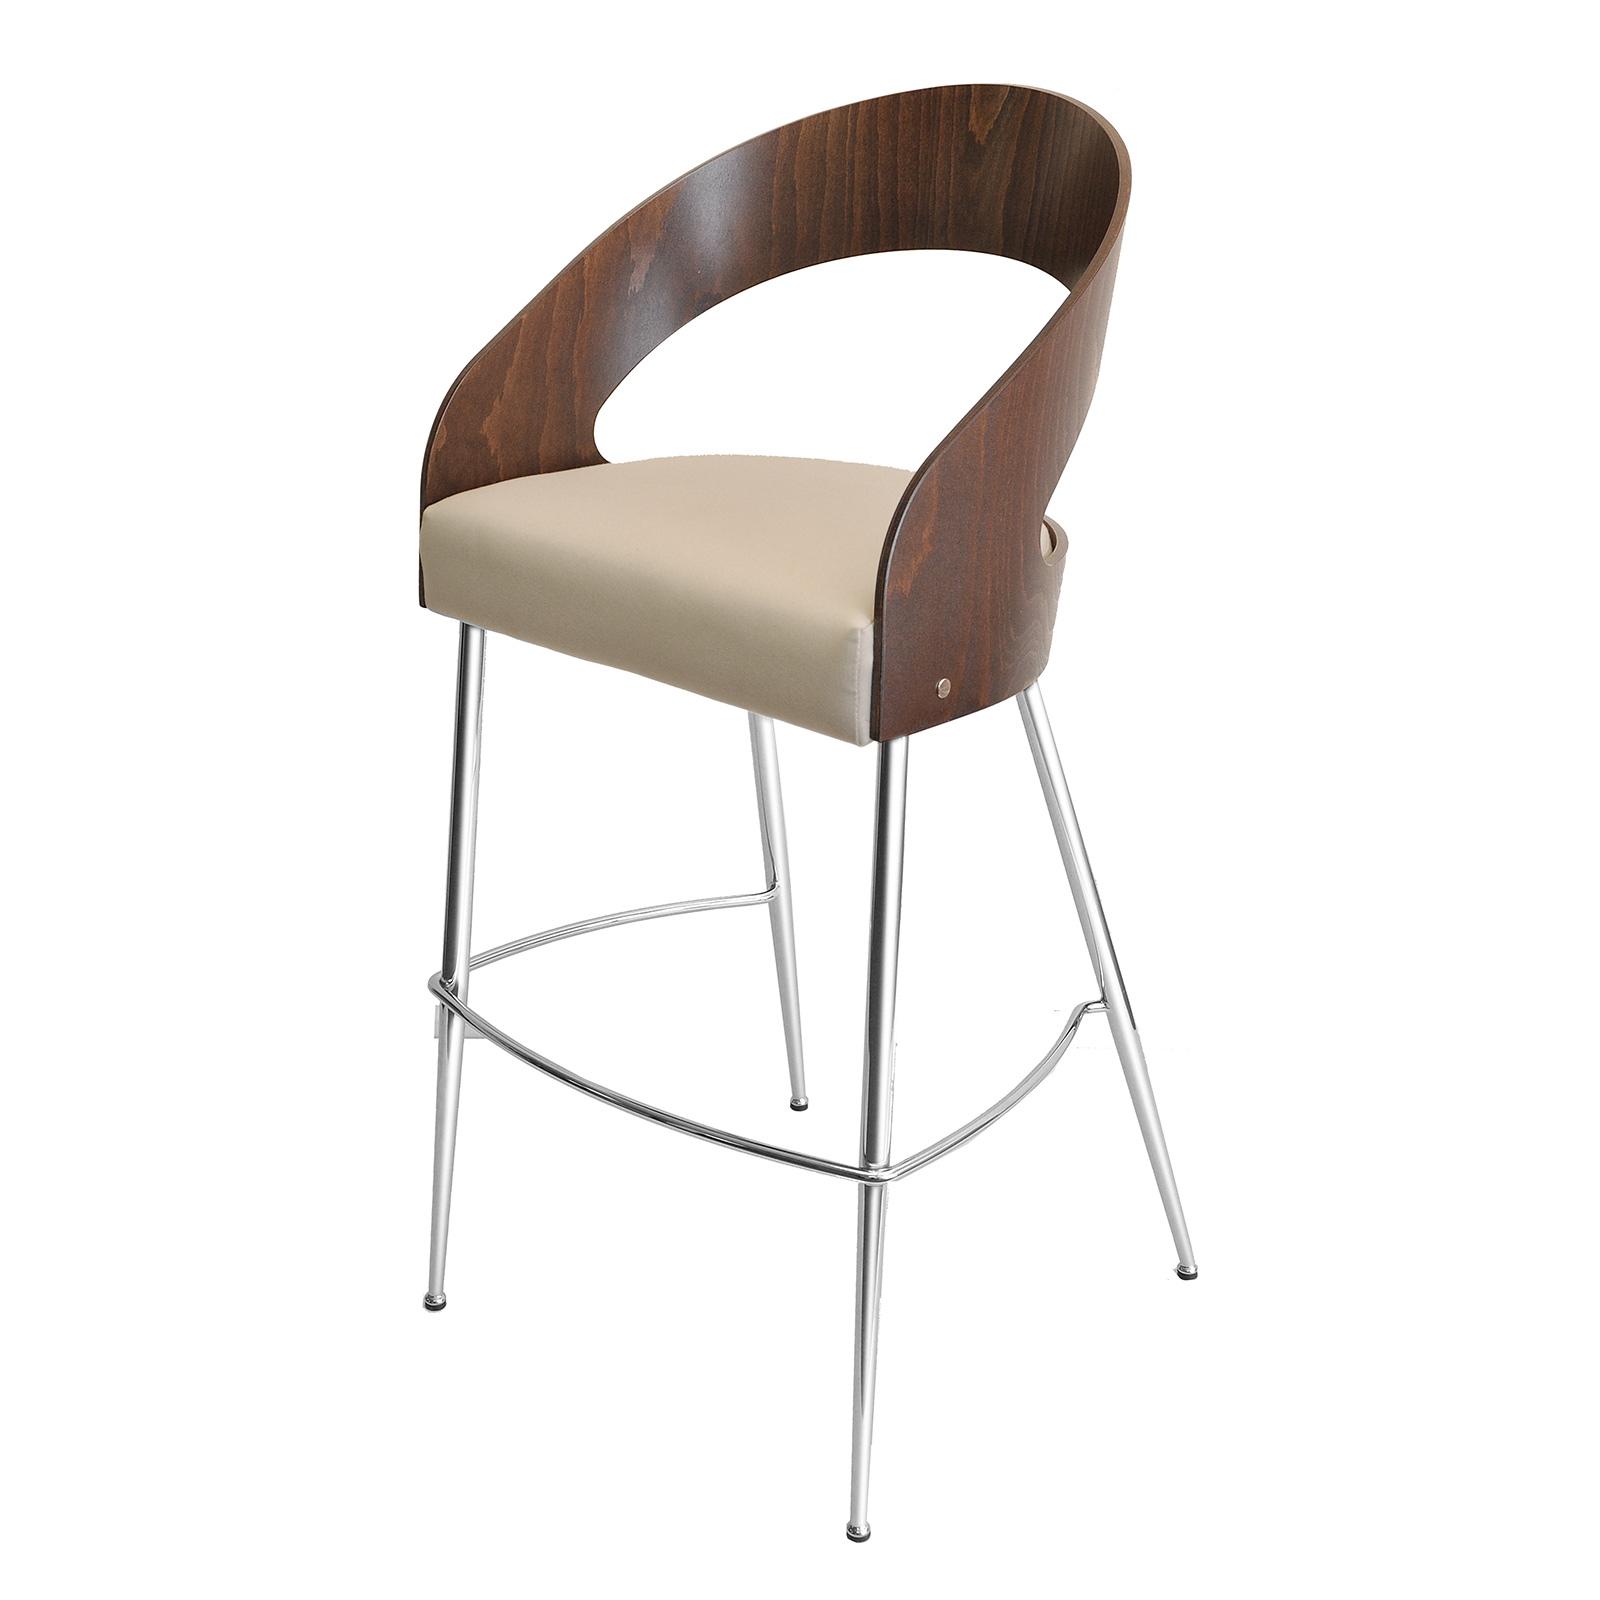 Florida Seating CN-EMILY H B GR7 bar stool, indoor